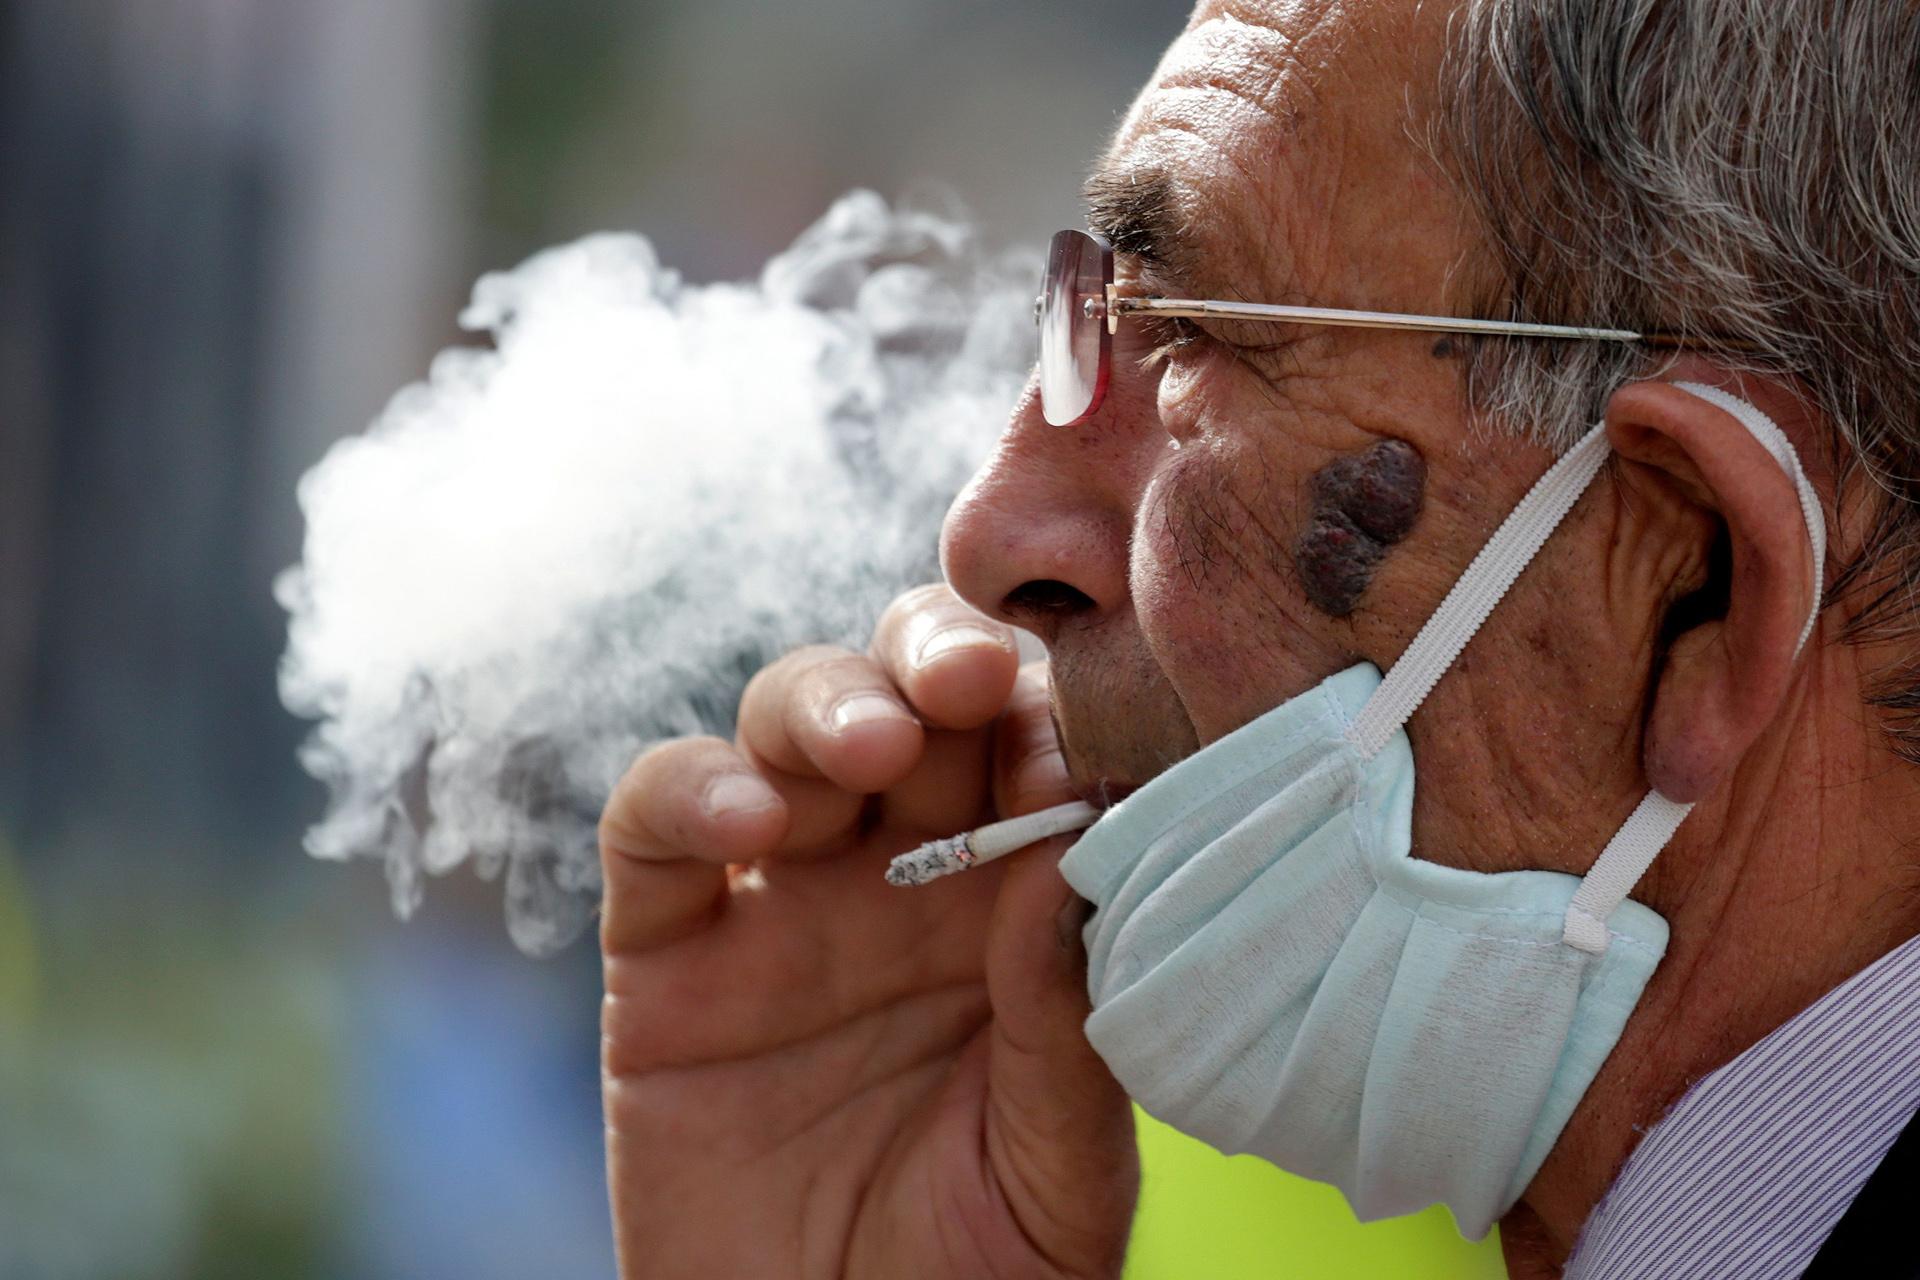 Επιστήμονες προειδοποιούν: Αυξημένο κίνδυνο οι καπνιστές από τον κορονοϊό